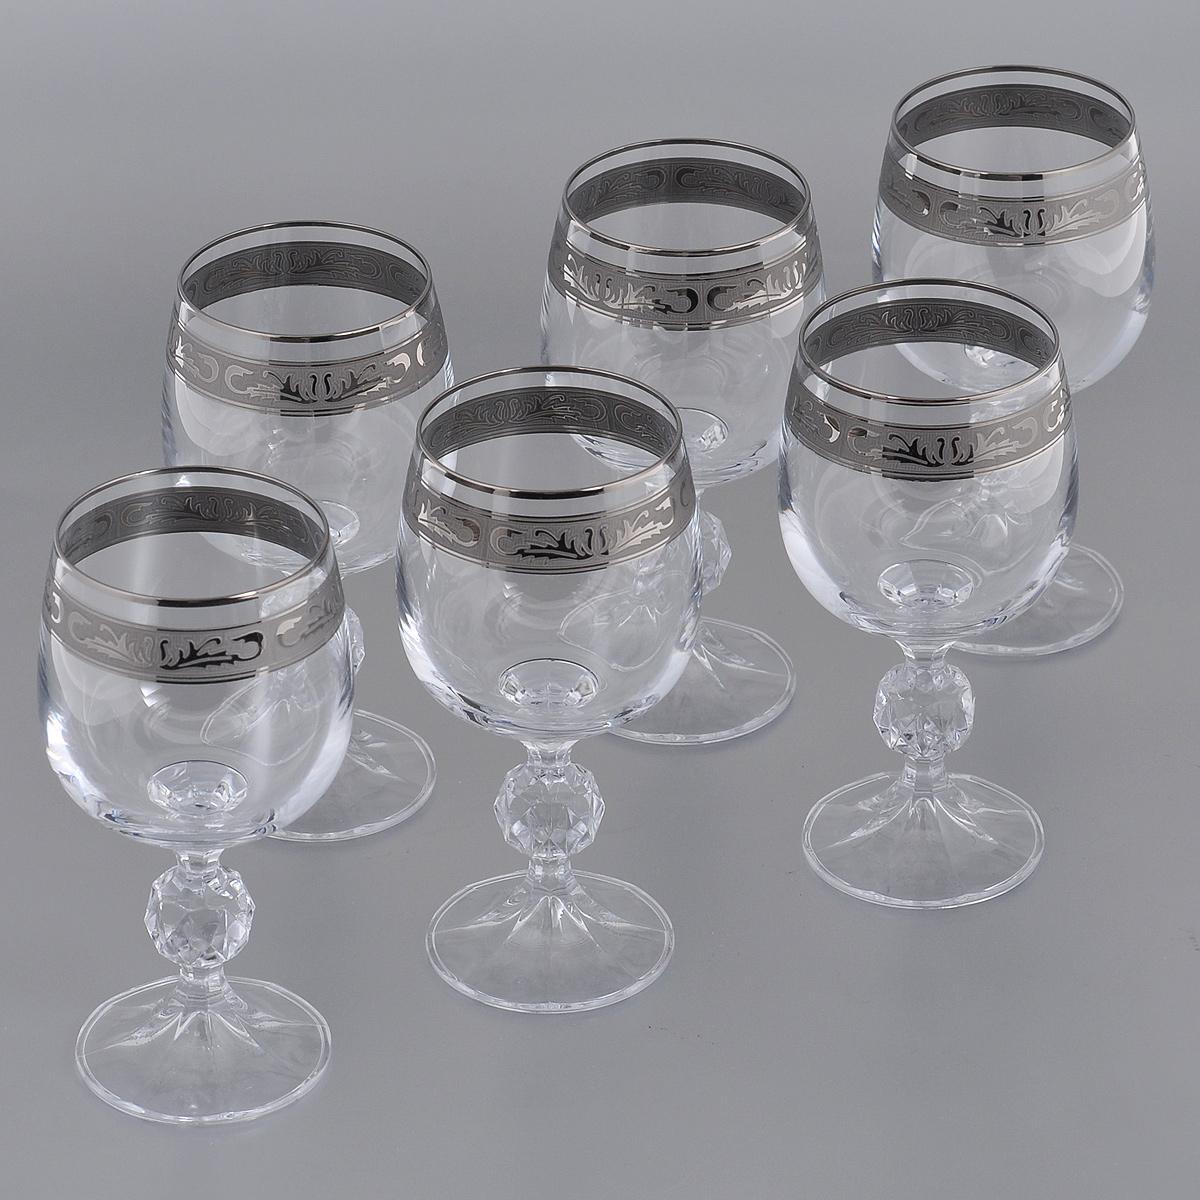 Набор бокалов для вина Crystalite Bohemia Клаудия, 190 мл, 6 шт. 40149/190/378500K40149/190/378500KНабор Crystalite Bohemia Клаудия состоит из шести бокалов, выполненных из прочного выдувного высококачественного стекла. Изящные бокалы, декорированные серебристой окантовкой и красивым орнаментом, прекрасно подойдут для подачи вина. Они излучают приятный блеск и издают мелодичный звон. Бокалы сочетают в себе элегантный дизайн и функциональность. Благодаря такому набору пить напитки будет еще вкуснее.Набор Crystalite Bohemia Клаудия прекрасно оформит праздничный стол и создаст приятную атмосферу за романтическим ужином. Такой набор также станет хорошим подарком к любому случаю. Не использовать в посудомоечной машине и микроволновой печи.